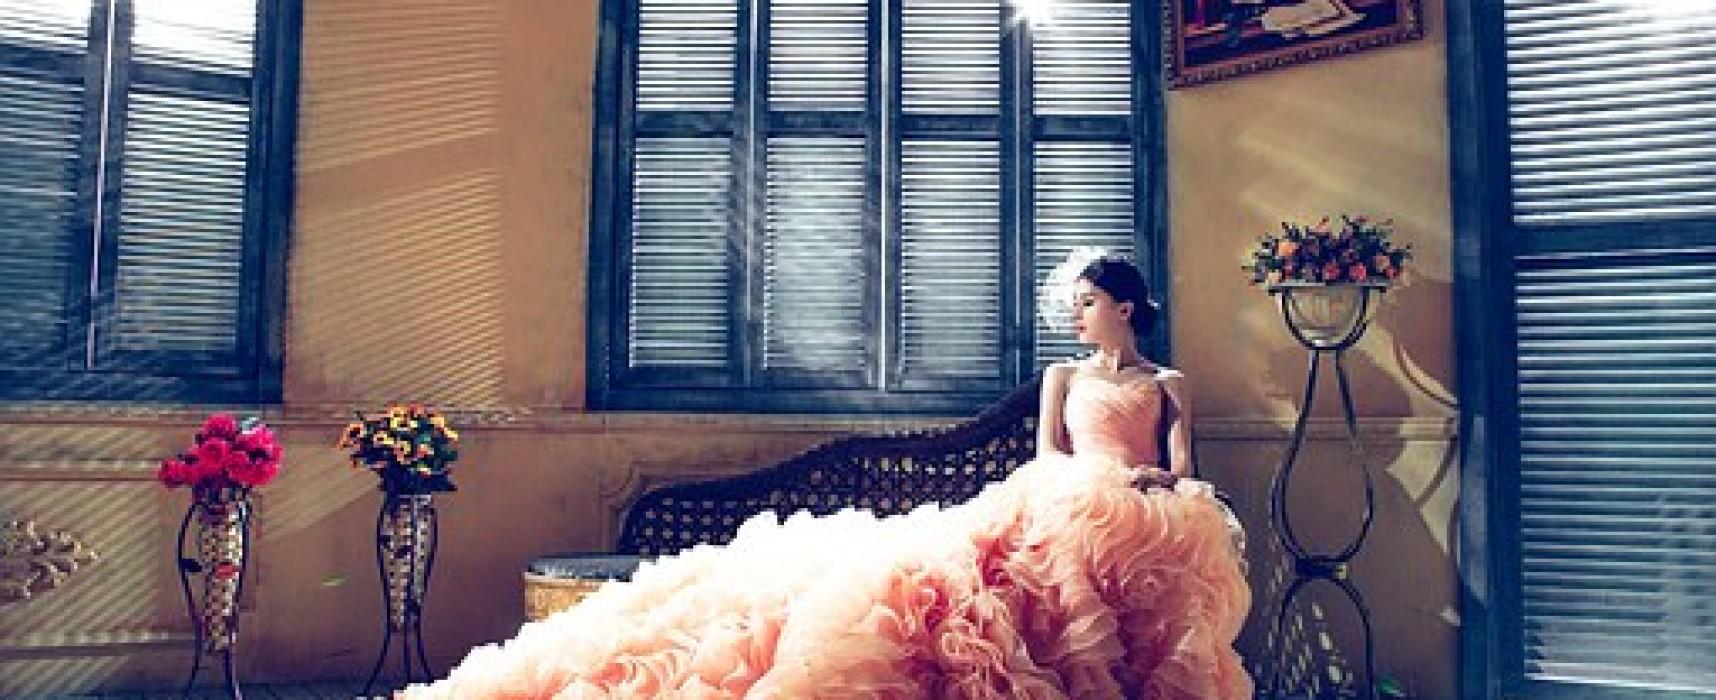 Consorzio Arezzo Fashion: organizza un seminario su tutela e promozione de Made in Italy (settori moda e oro)